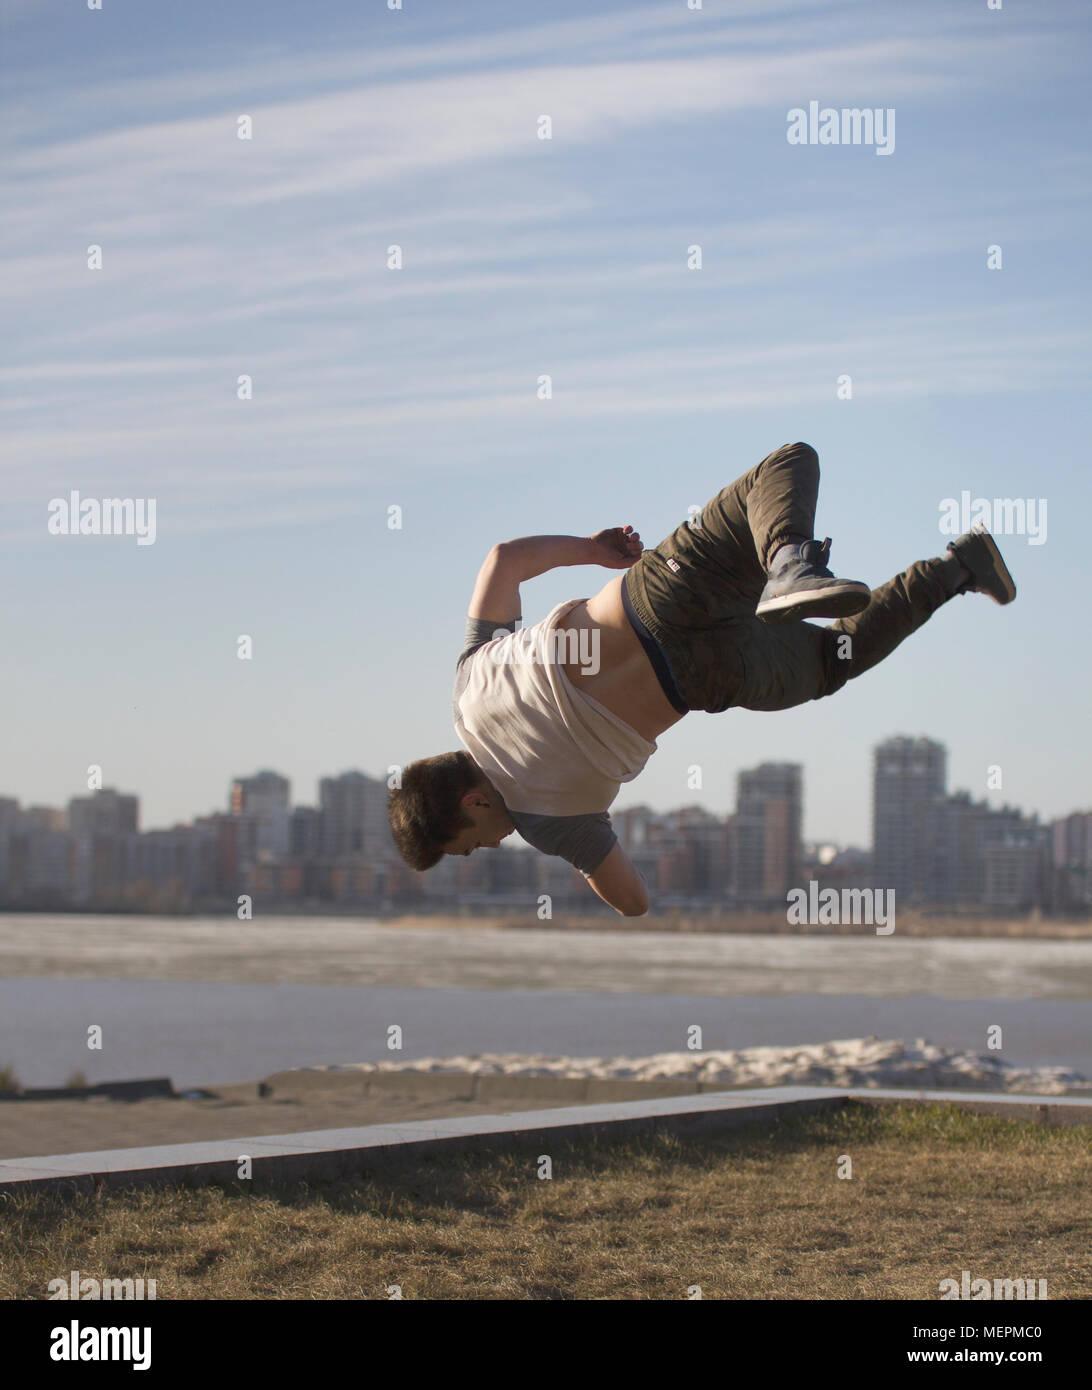 Giovane uomo sportivo parkour esegue trucchi nella parte anteriore della skyline Immagini Stock